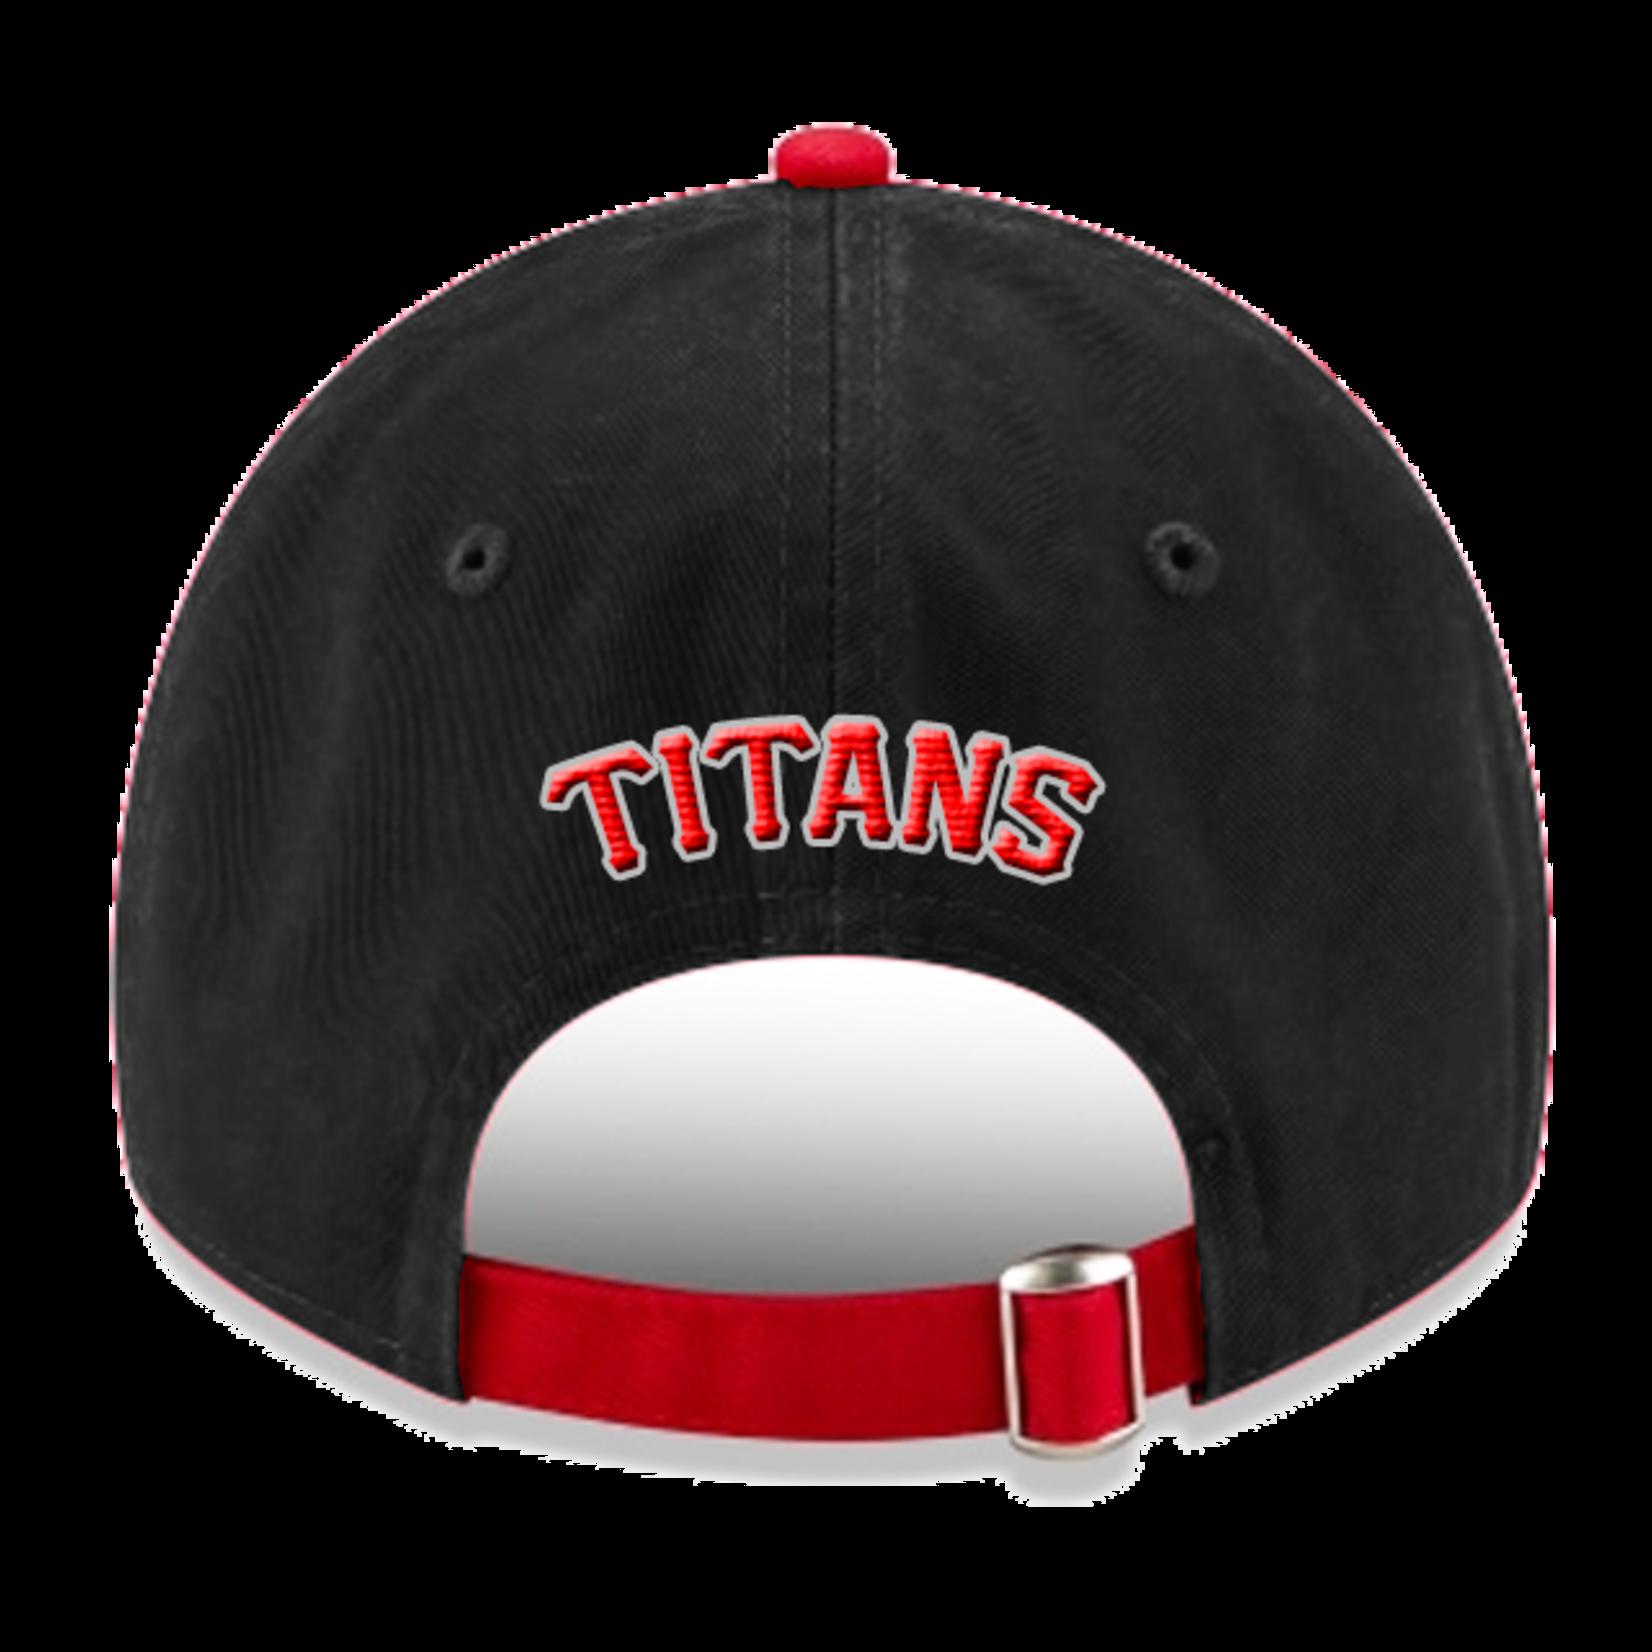 NEW ERA Titans 920 Black & Red Cap